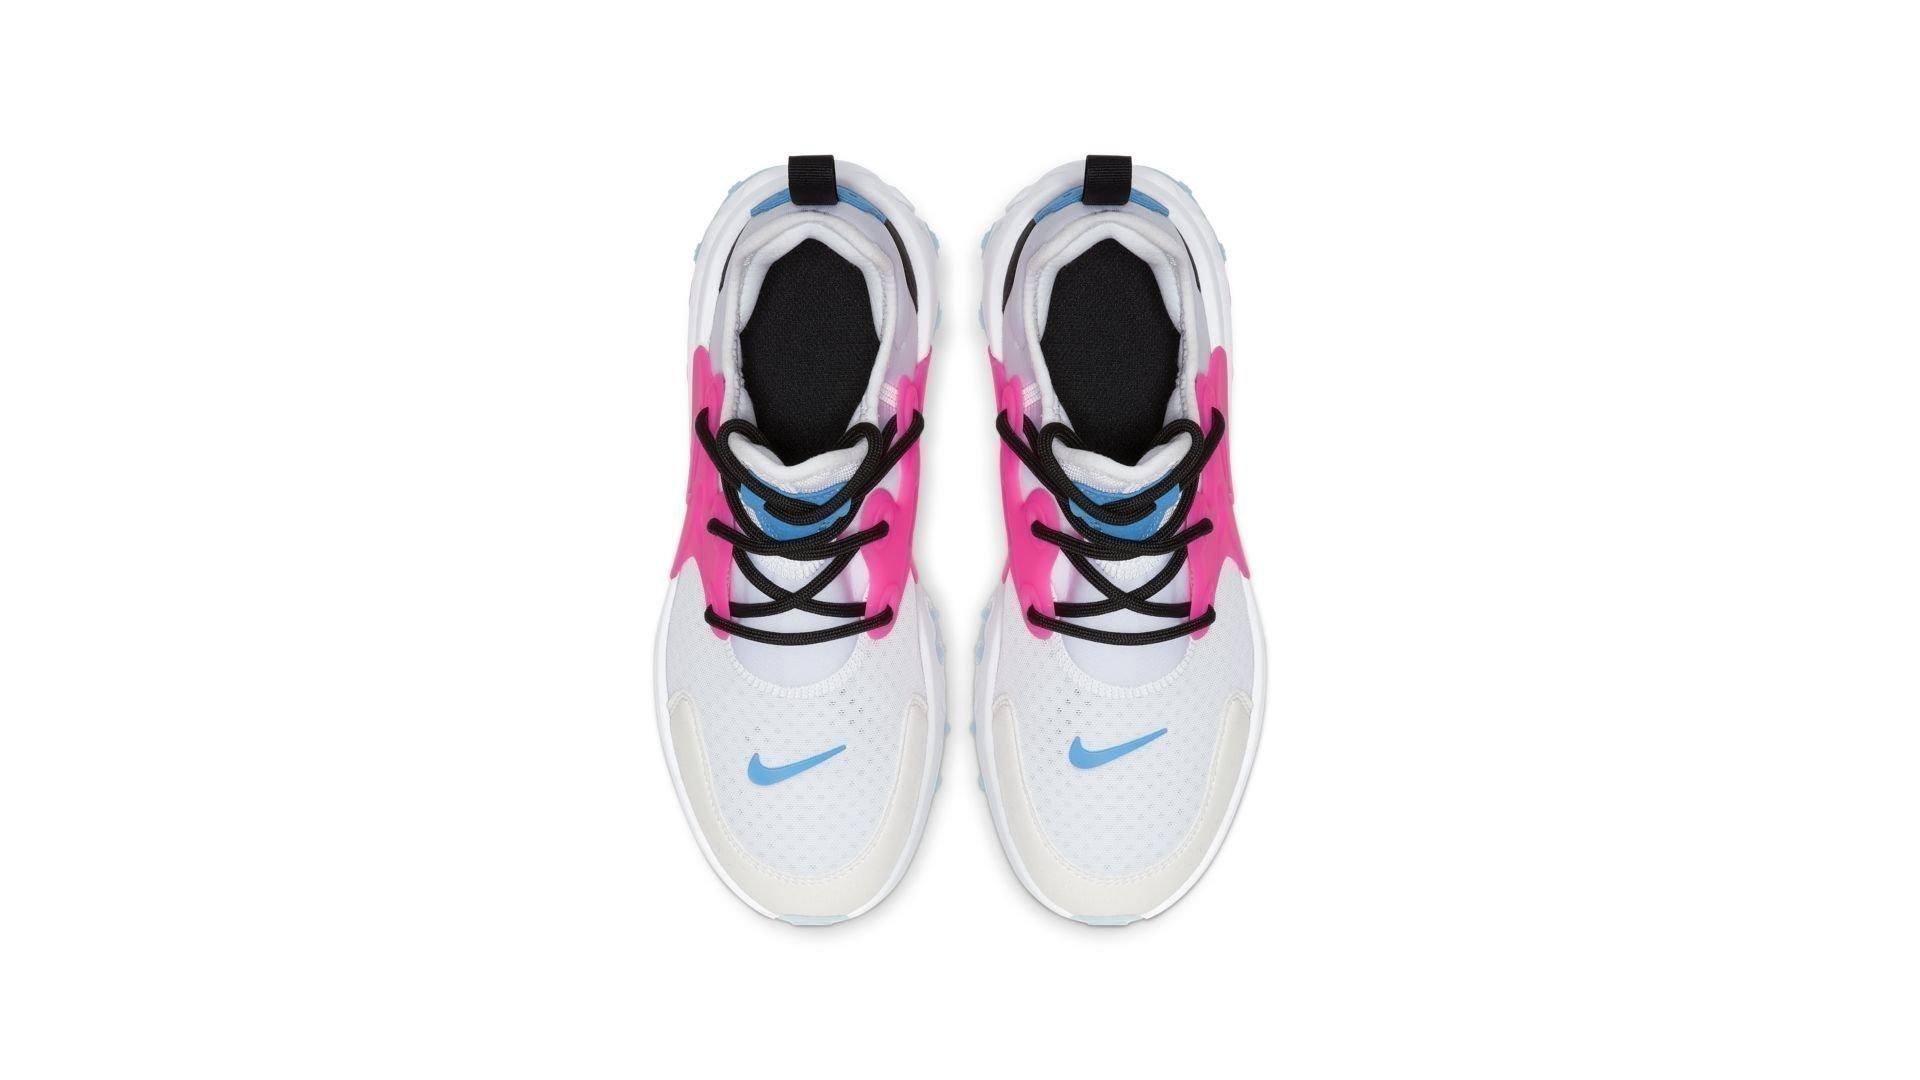 Nike React Presto White Hyper Pink Photo Blue (GS) (BQ4002-101)